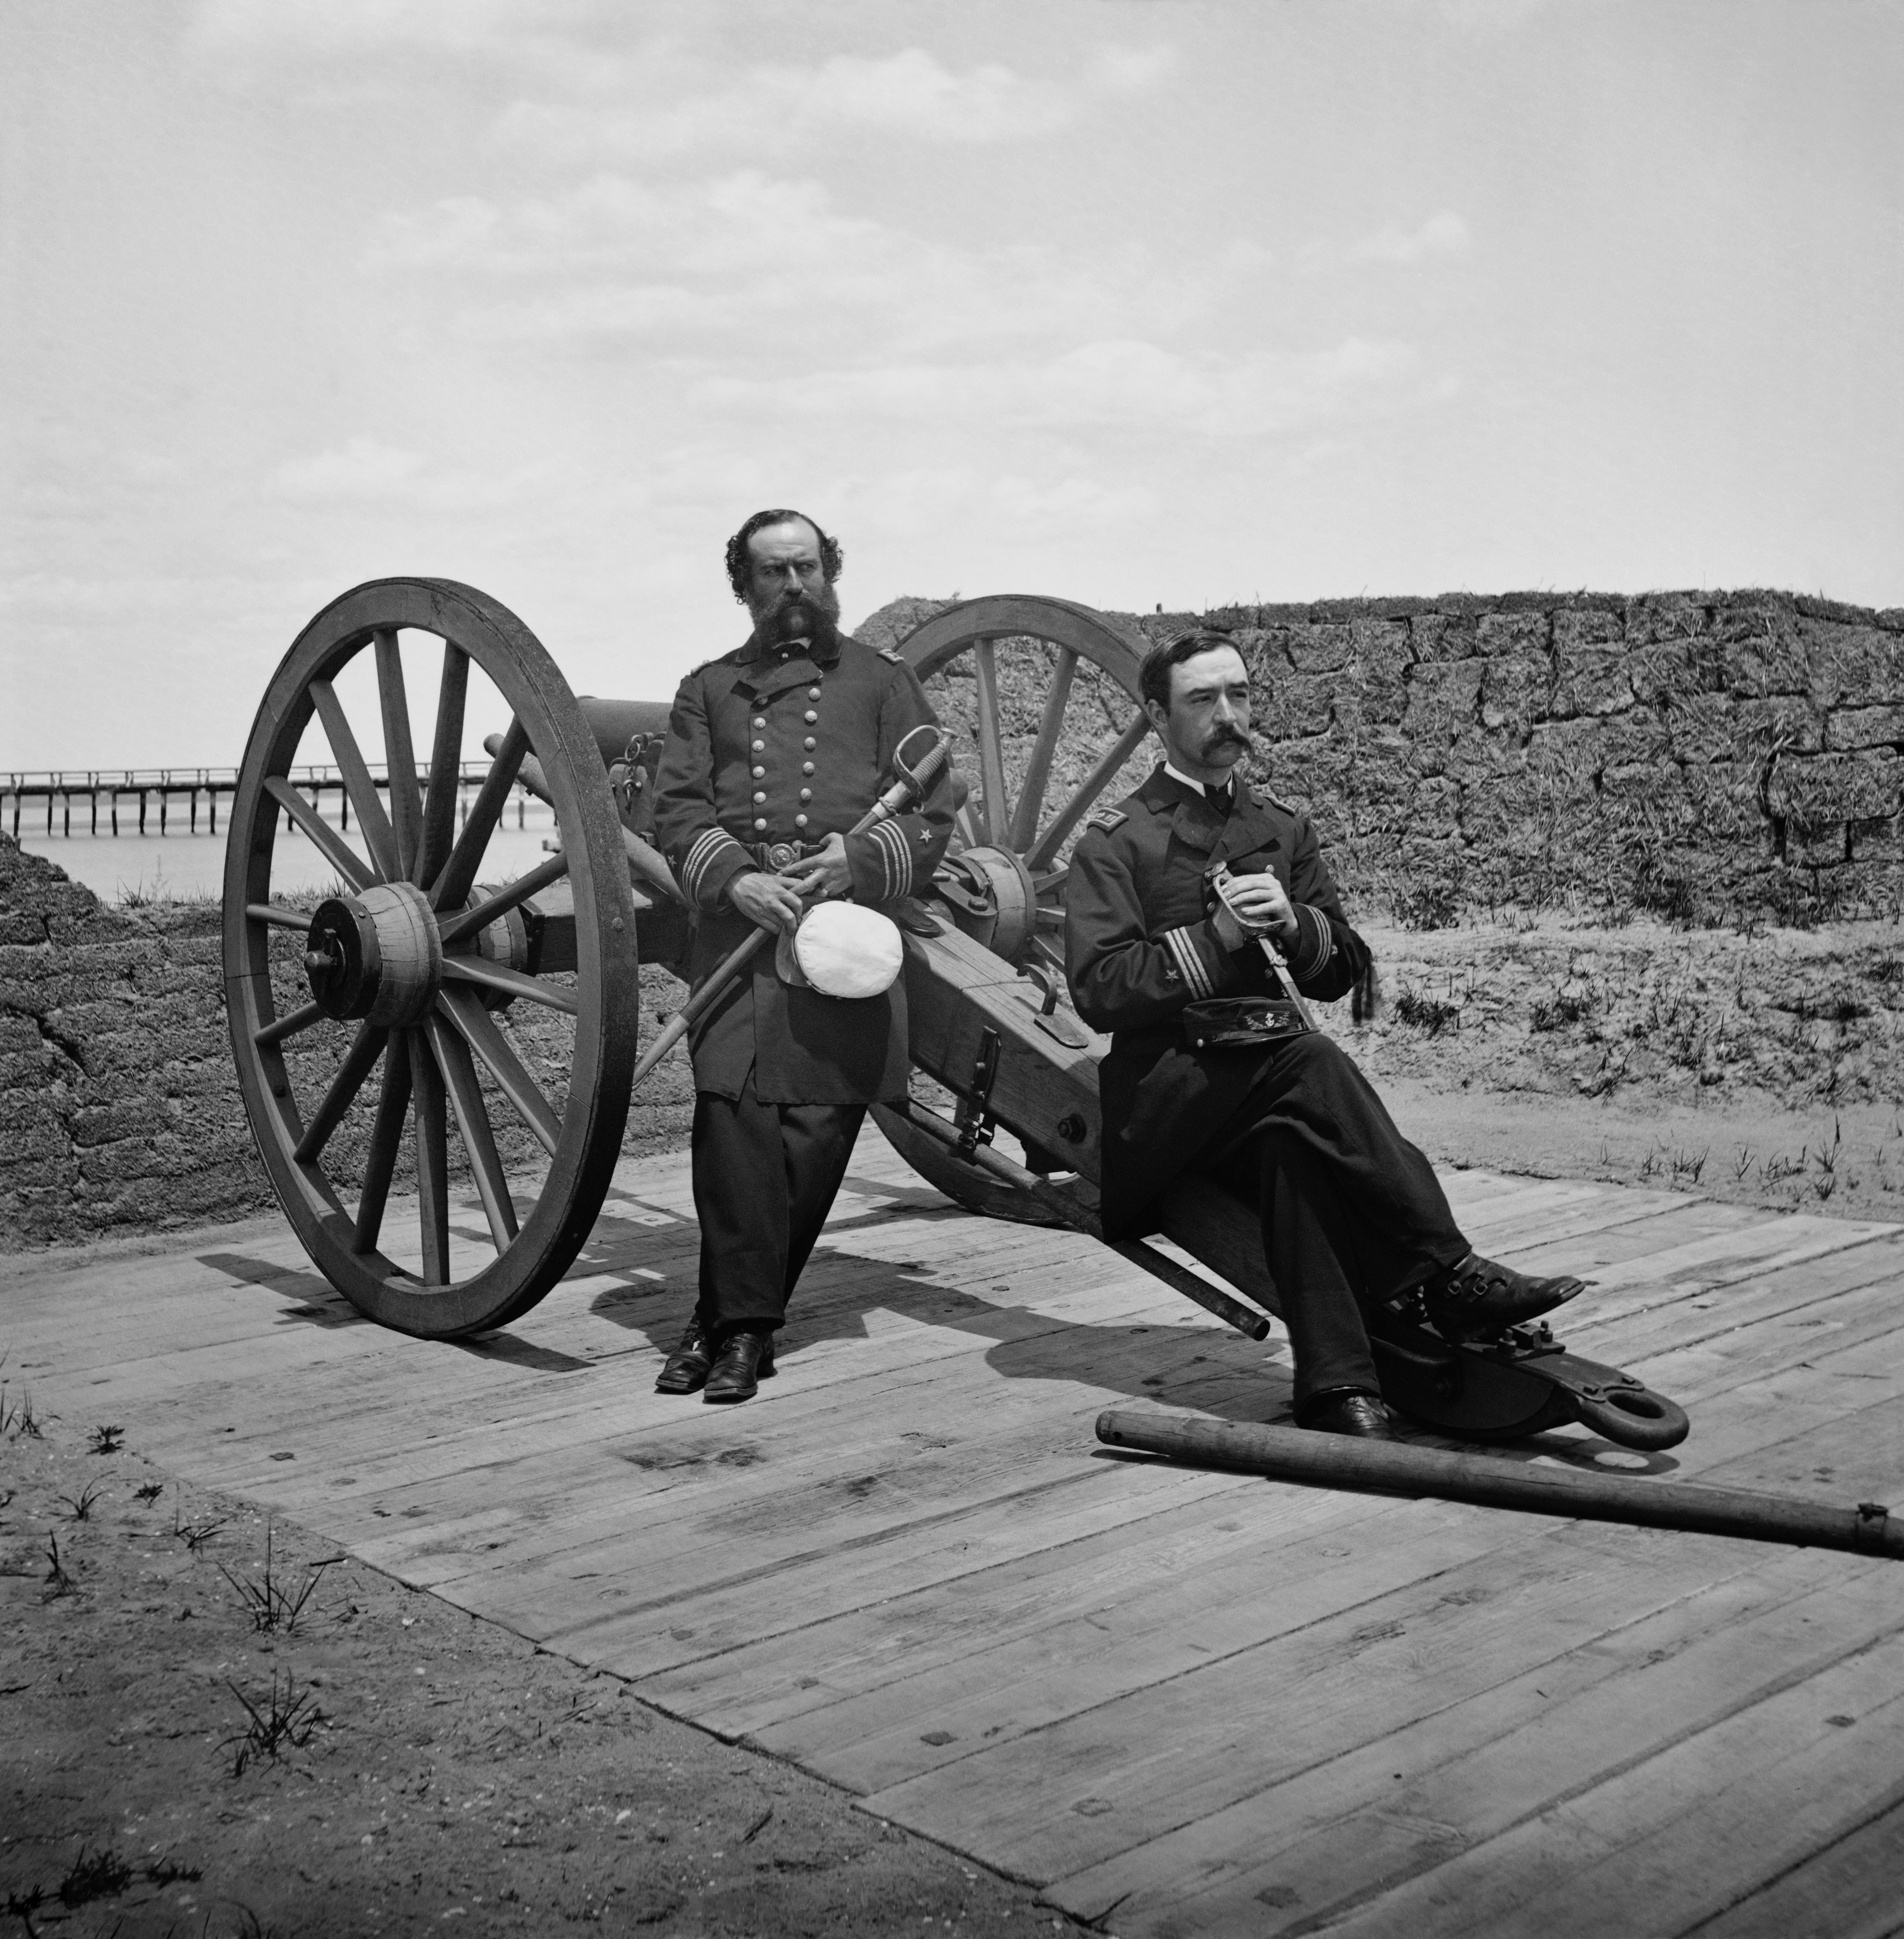 American Civil War restoration by AdamCuerden